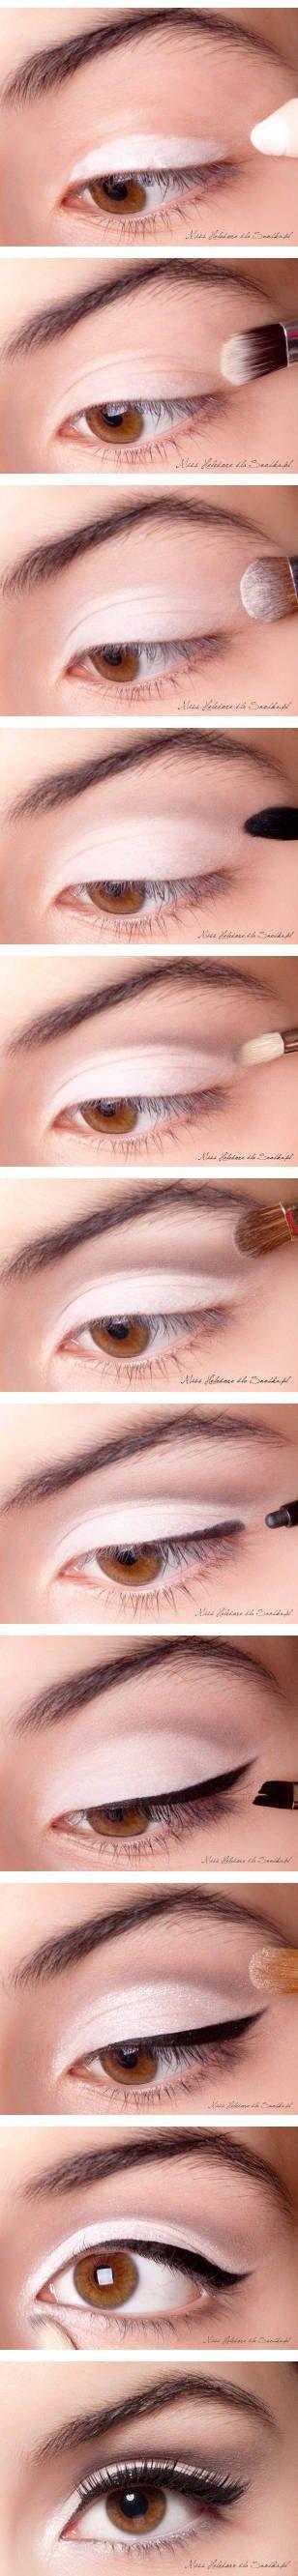 Maquillaje felino para ojos marrones